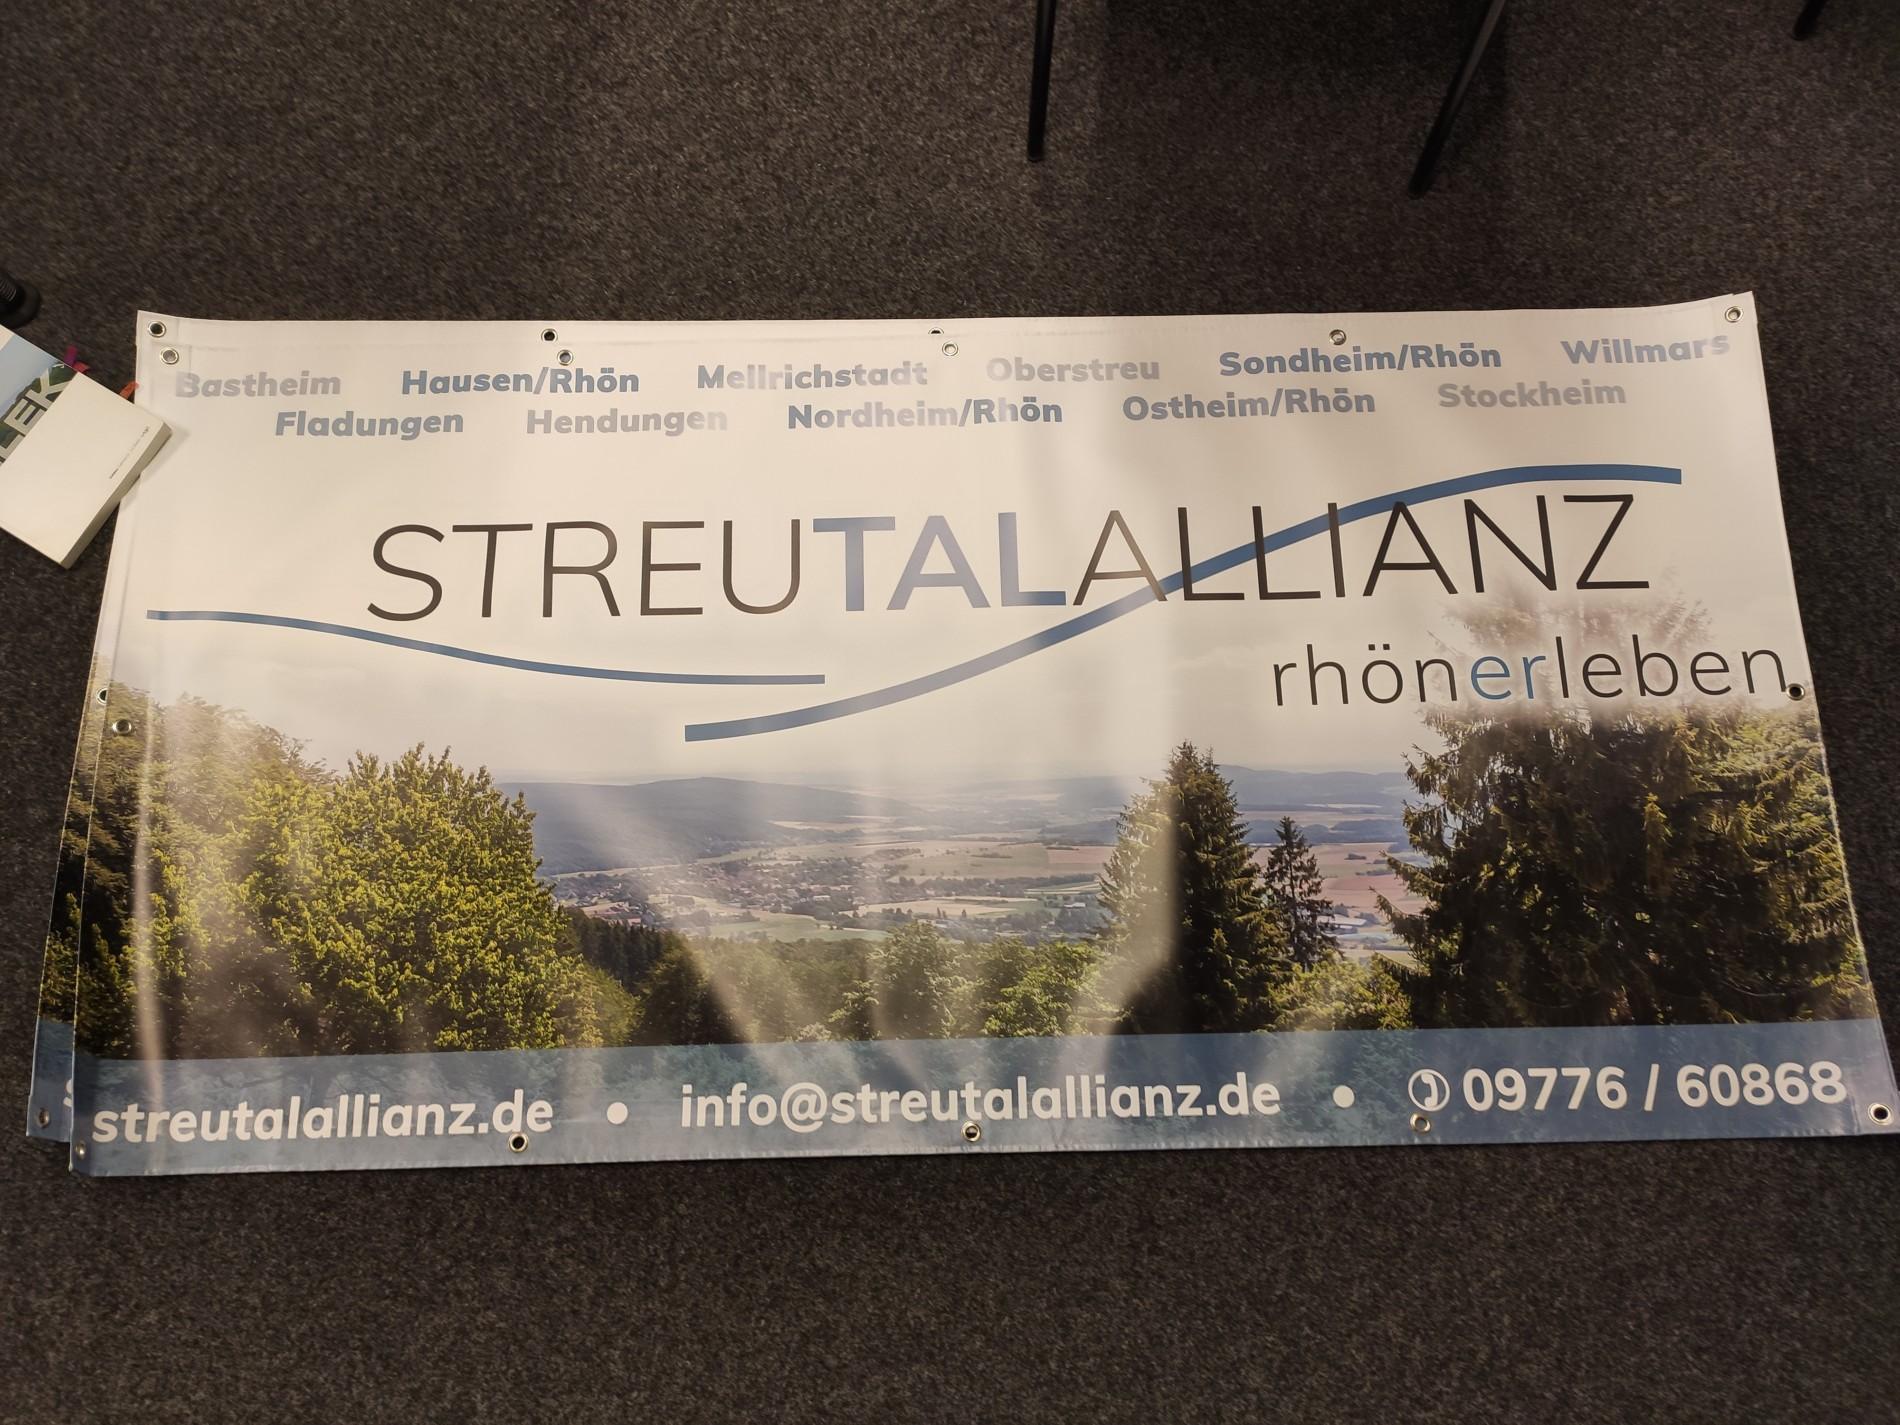 >Streutalallianz-Banner